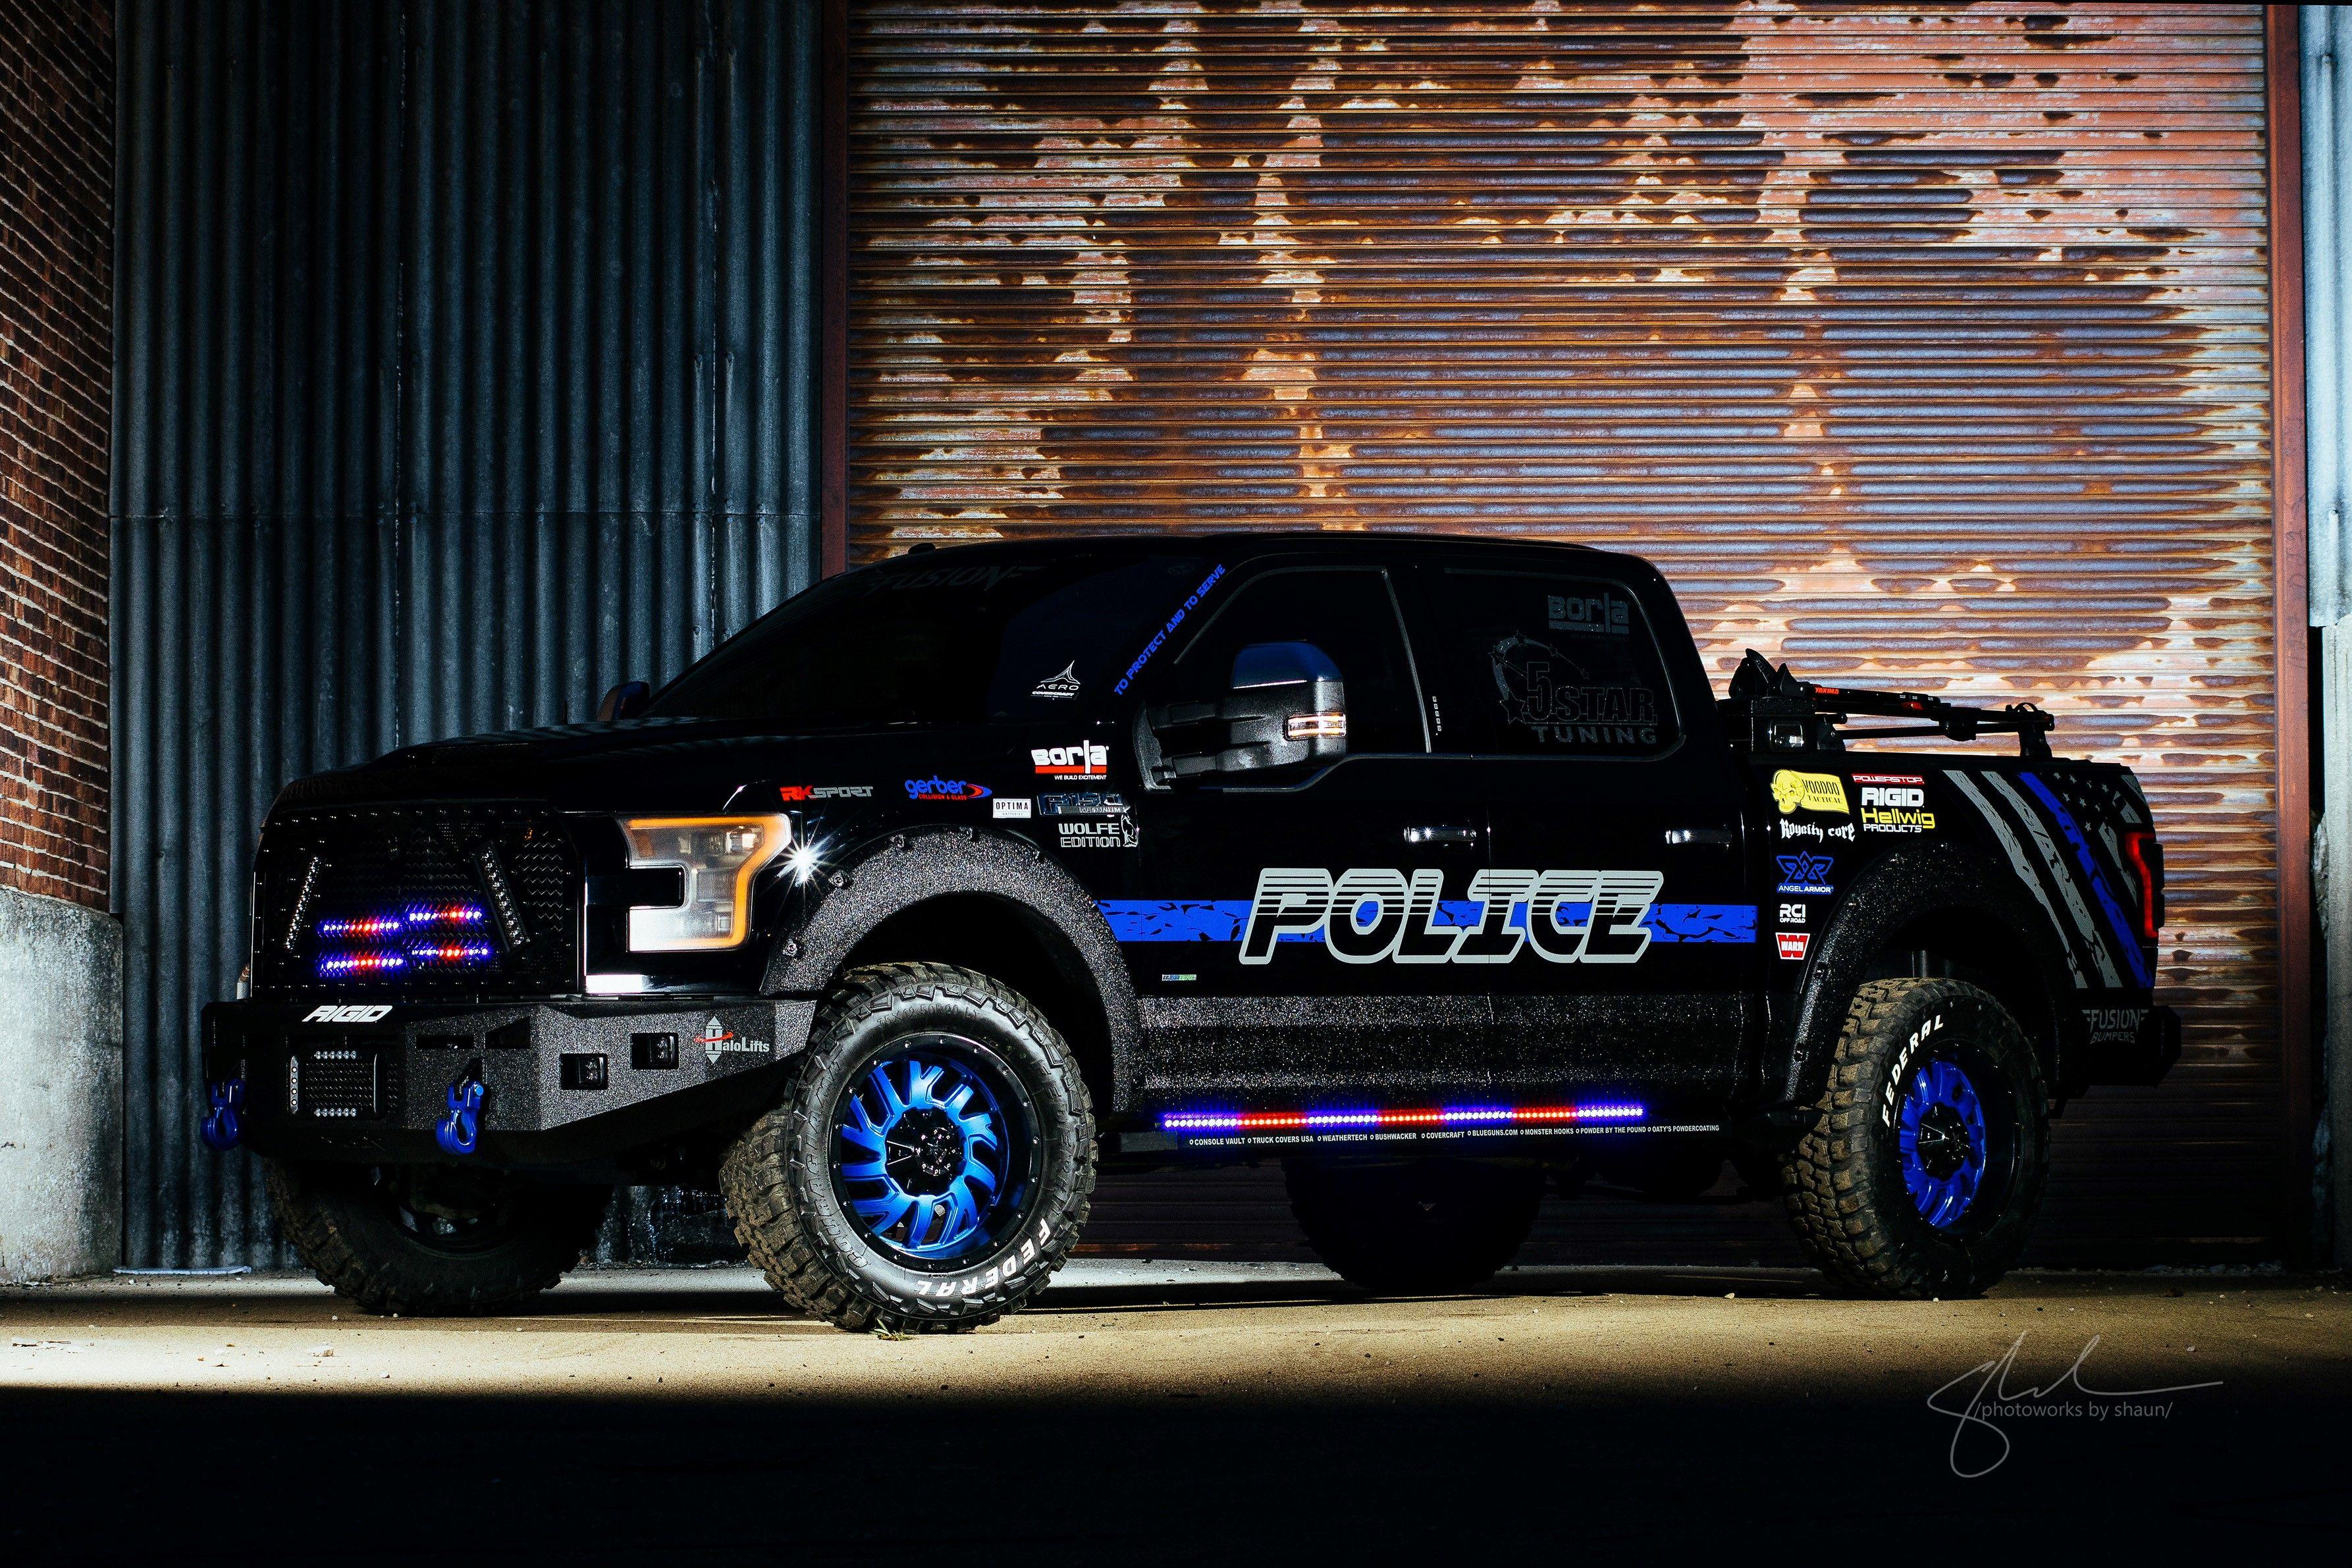 Bill Garrison 2016 Police Truck